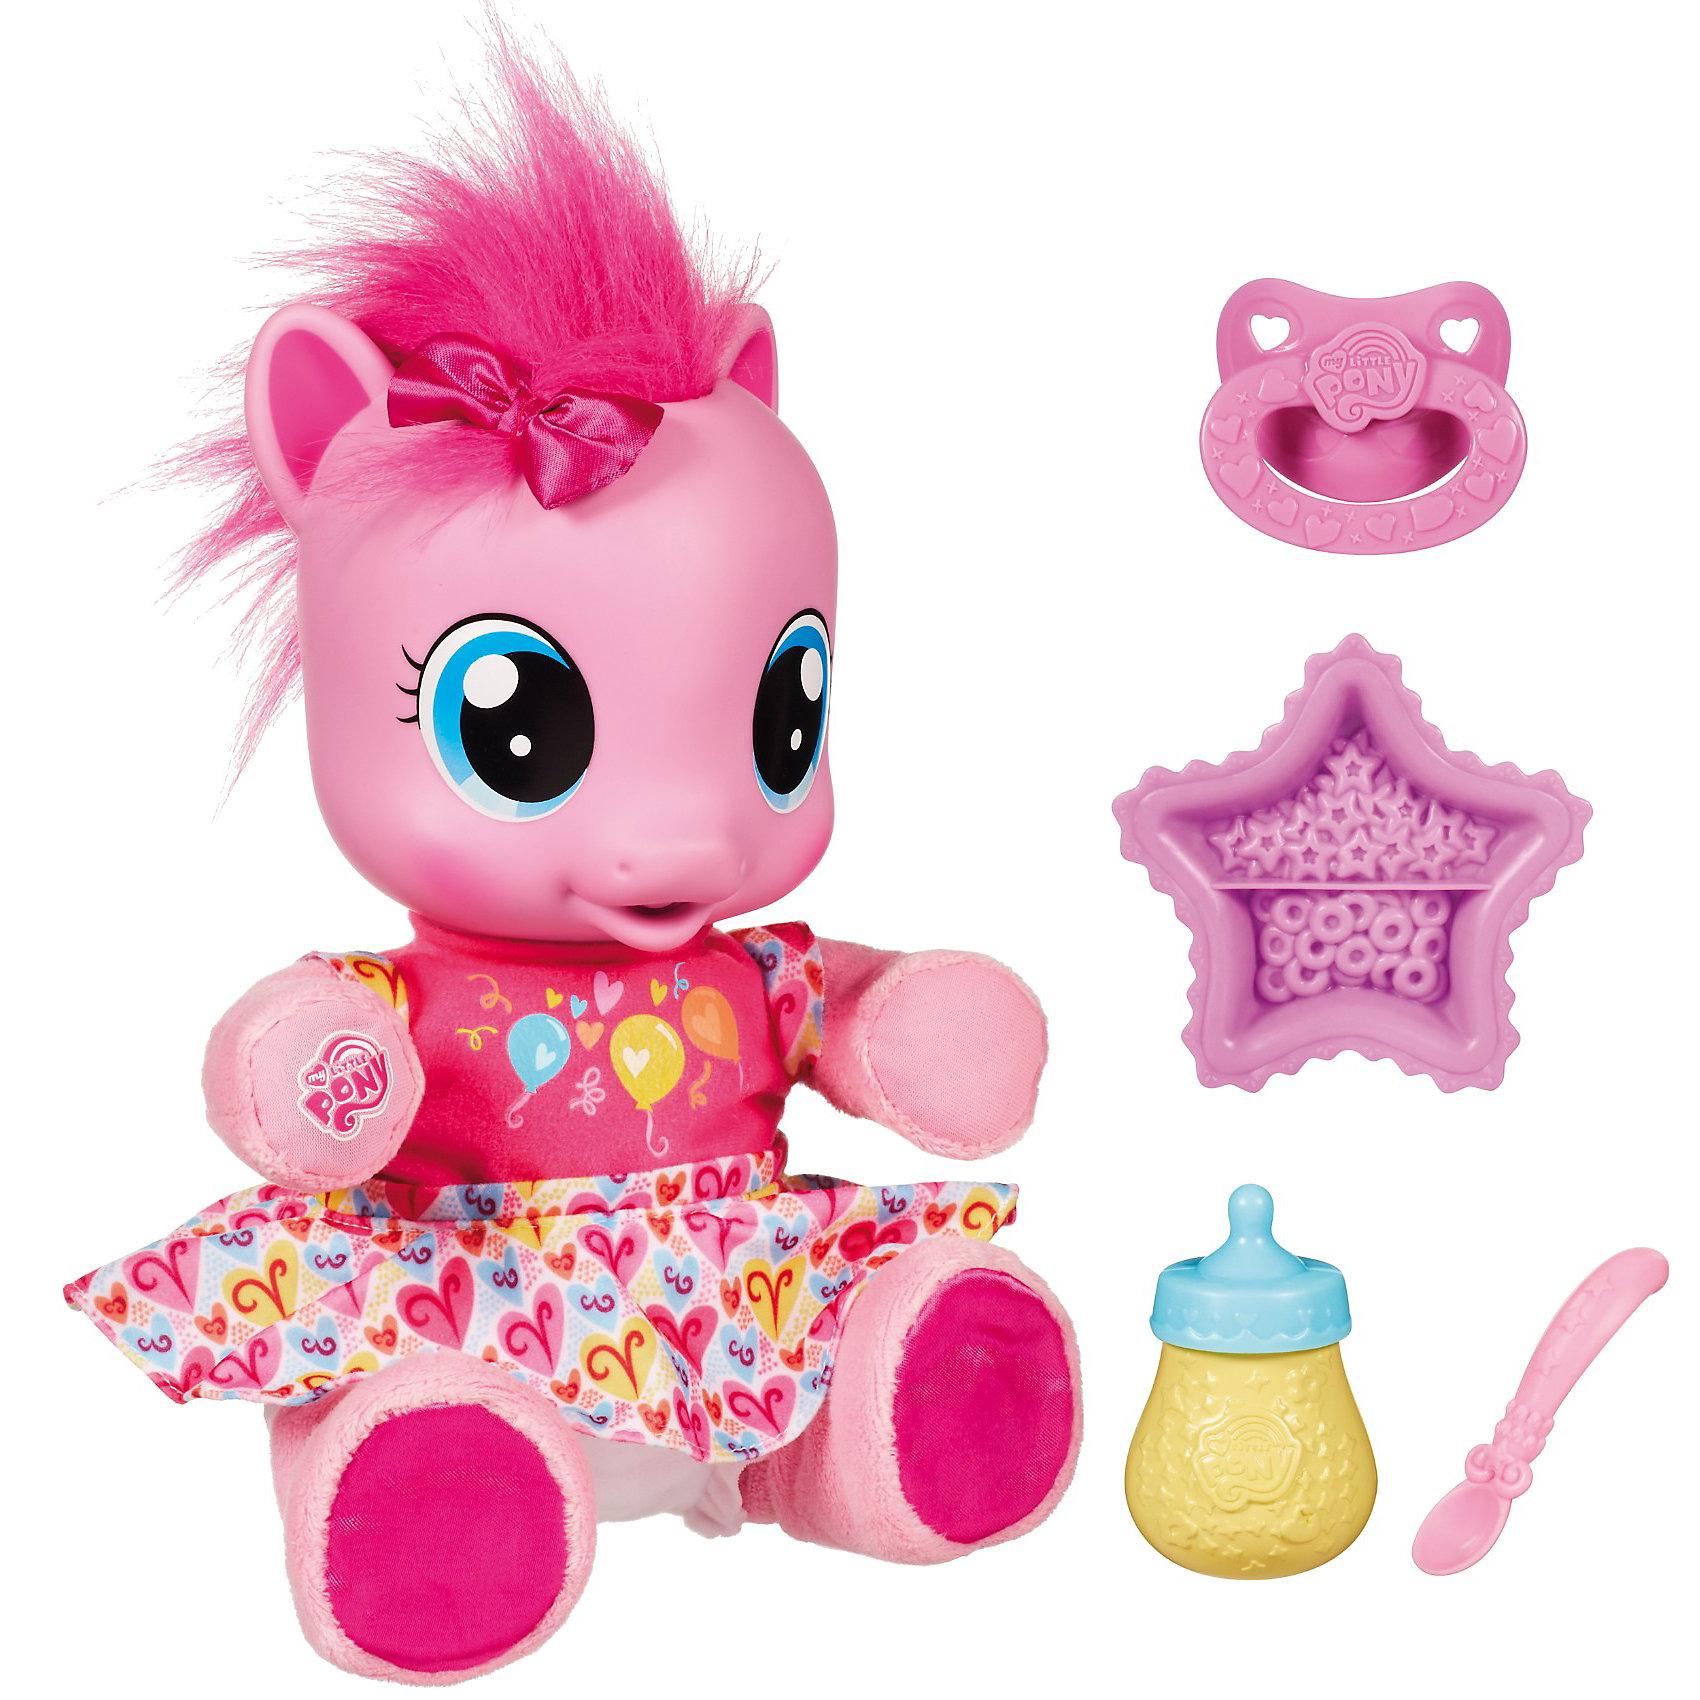 Пинки пай, My little PonyMy little Pony Пинки пай - интересный игровой набор, в который входит милая интерактивная пони Пинки пай и многочисленные аксессуары для ее кормления. <br><br>Пинки Пай -  маленькая пони, которая очень хочет научиться ходить.<br>Пони забавно двигает ножками, и стоит их лишь выпрямить и поддержать малютку за плюшевые ручки, как наша маленькая пони пойдет. А когда она окончательно научится, то радостно скажет: Смотрите! Я могу ходить!.<br><br>О малютке Пинки Пай нужно заботиться. Она скажет, что хочет есть, и тогда нужно покормить ее из ложечки или дать бутылочку. Кушать она будет с удовольствием, причмокивая. Также ей можно дать соску, чтобы успокоить.<br><br>Дополнительная информация:<br><br>- В комплект входит: интерактивная пони, соска и аксессуары для кормления.<br>- Пони умеет ходить и произносит более 20 фраз и слов.<br>- Размеры упаковки:  105х344х 305  мм.<br>- Вес: 1330 г.<br><br>My little Pony Пинки пай можно купить в нашем магазине.<br><br>Ширина мм: 154<br>Глубина мм: 344<br>Высота мм: 305<br>Вес г: 1330<br>Возраст от месяцев: 36<br>Возраст до месяцев: 132<br>Пол: Женский<br>Возраст: Детский<br>SKU: 2558557